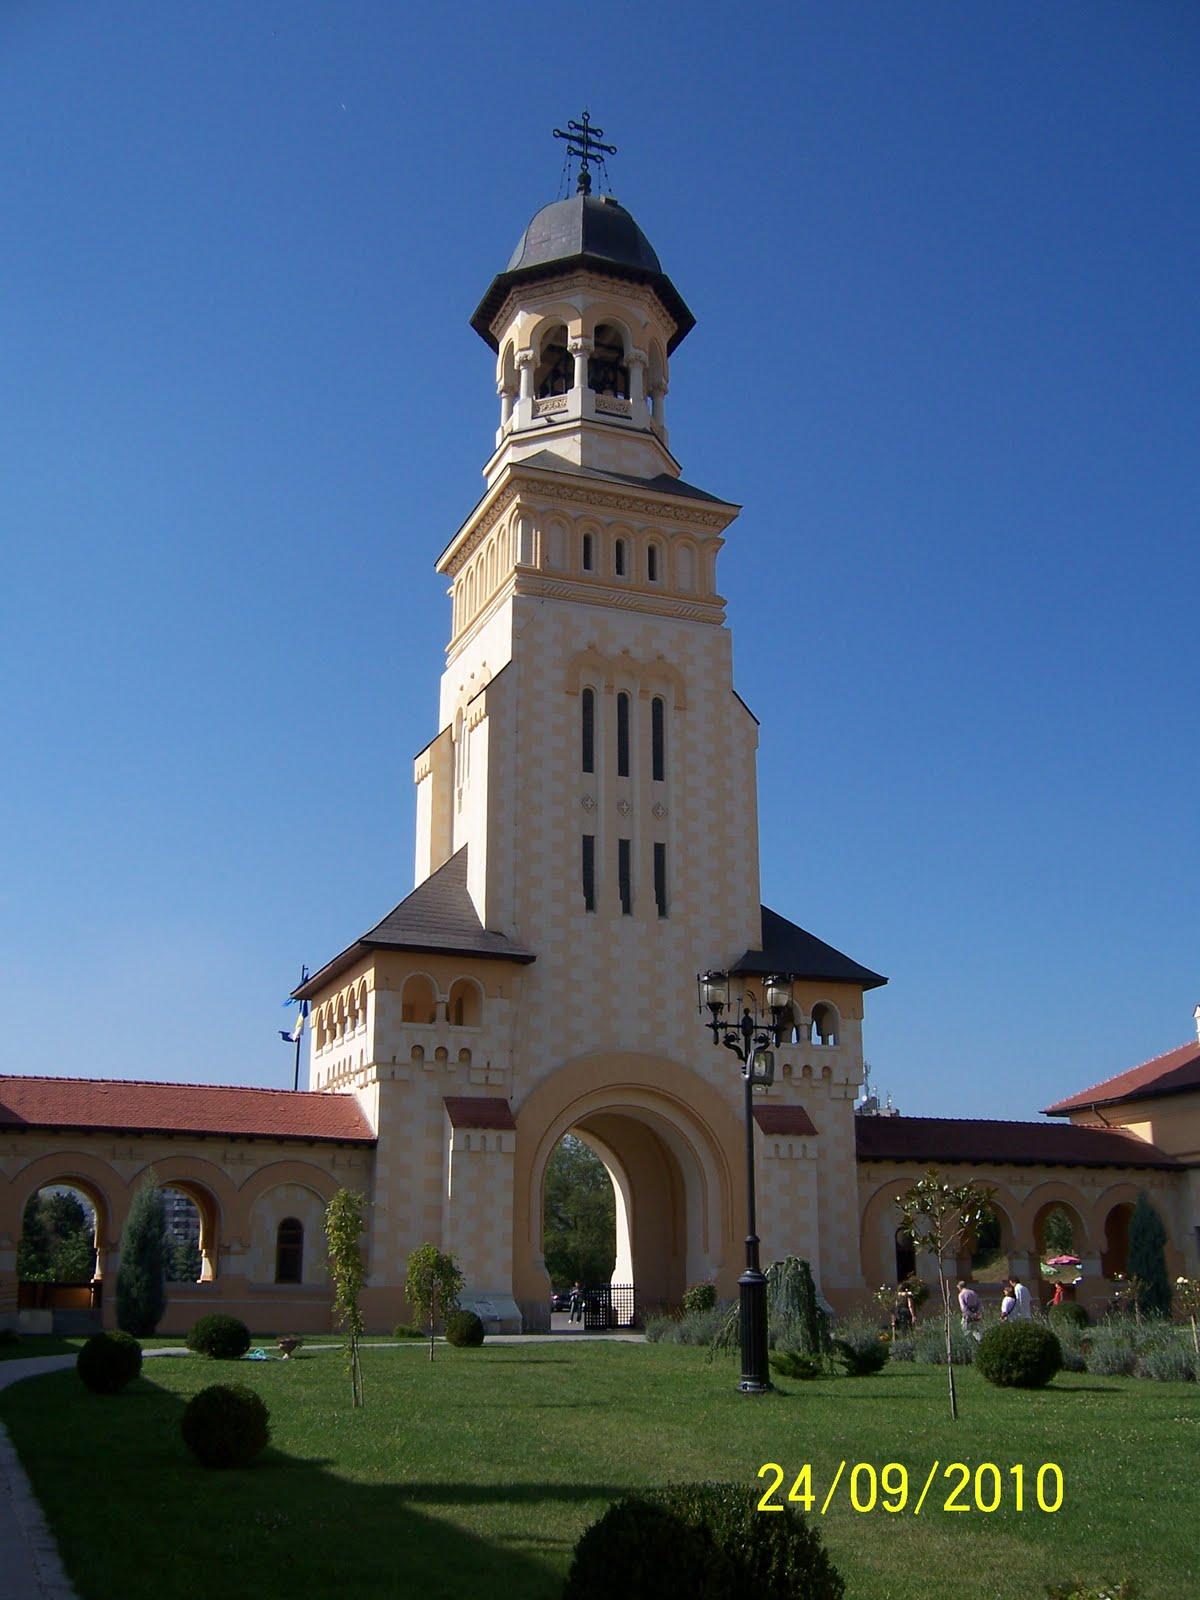 De peste tot si de nicaieri: Catedrala Reintregirii Alba Iulia